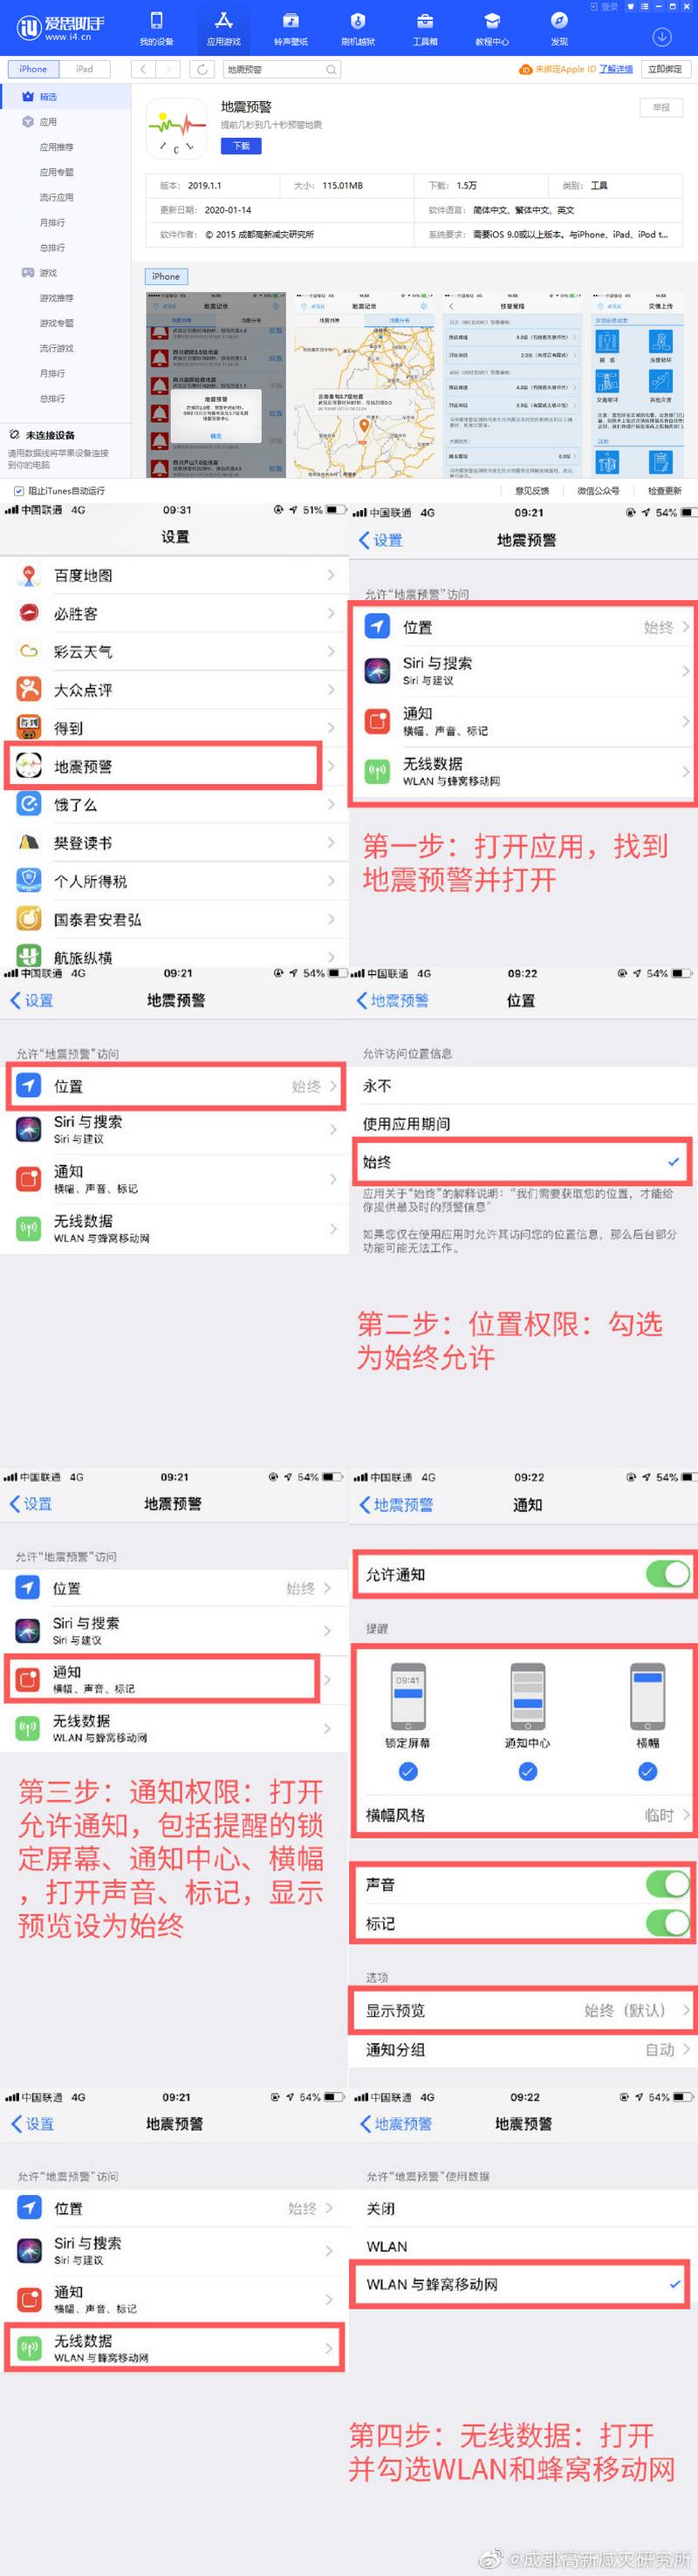 如何在 iPhone 上借助 App 进行地震预警?